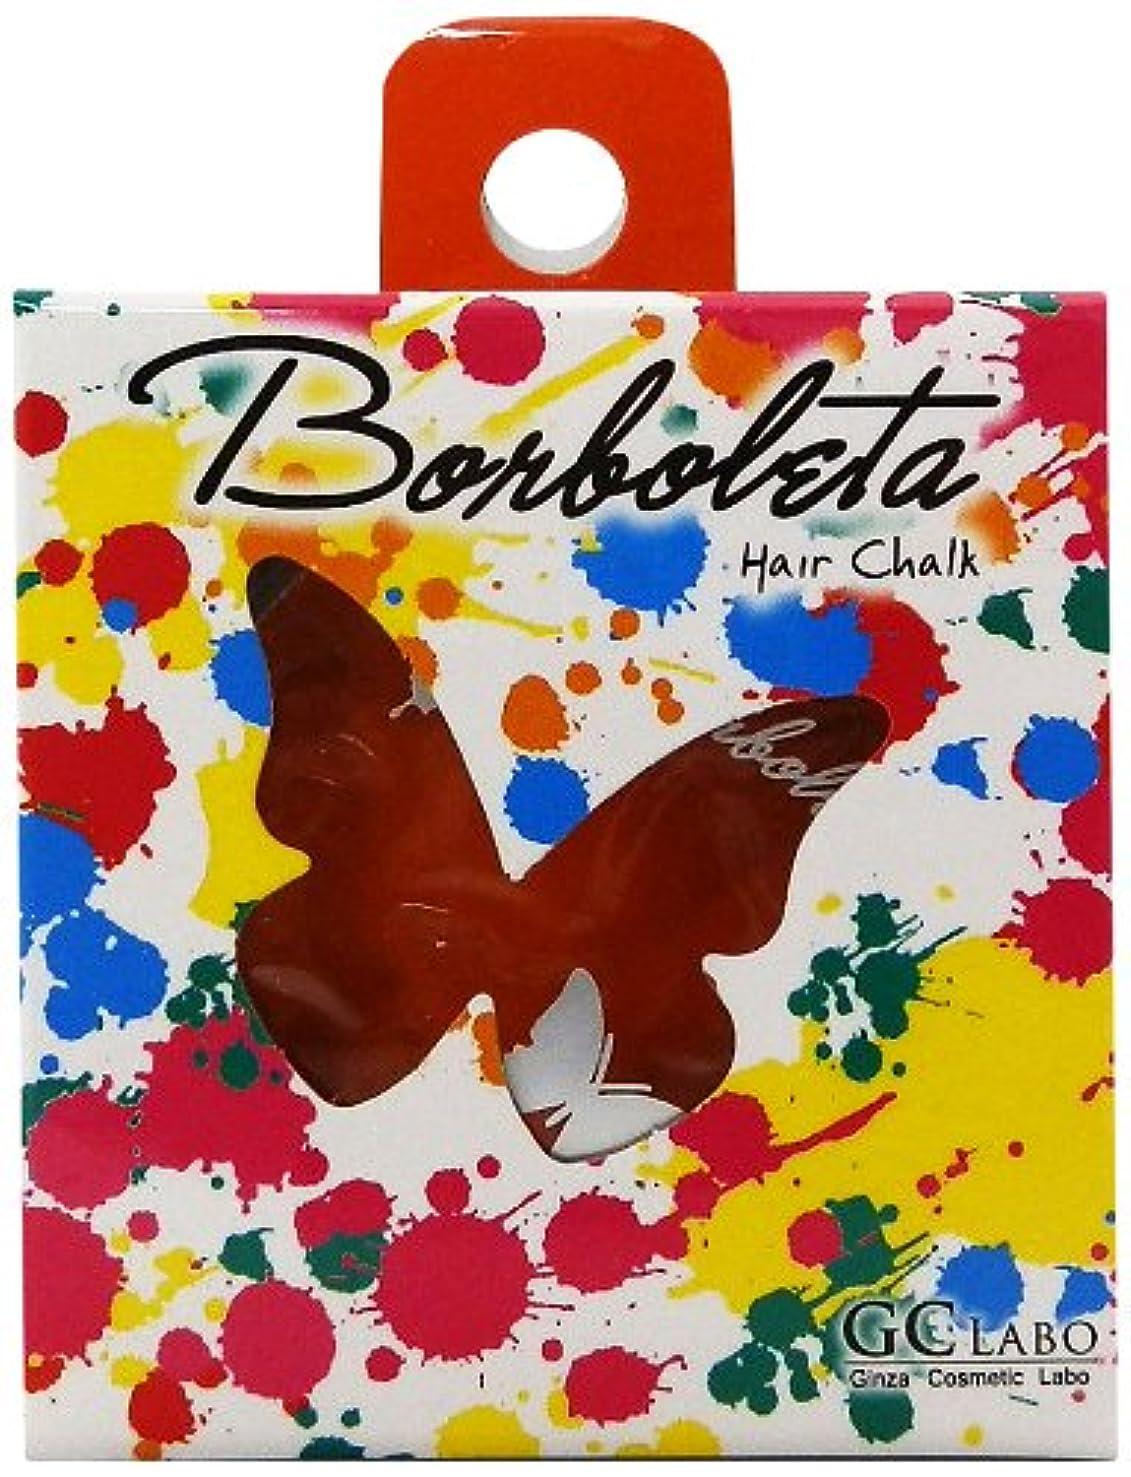 言及する動目指すBorBoLeta(ボルボレッタ)ヘアカラーチョーク オレンジ